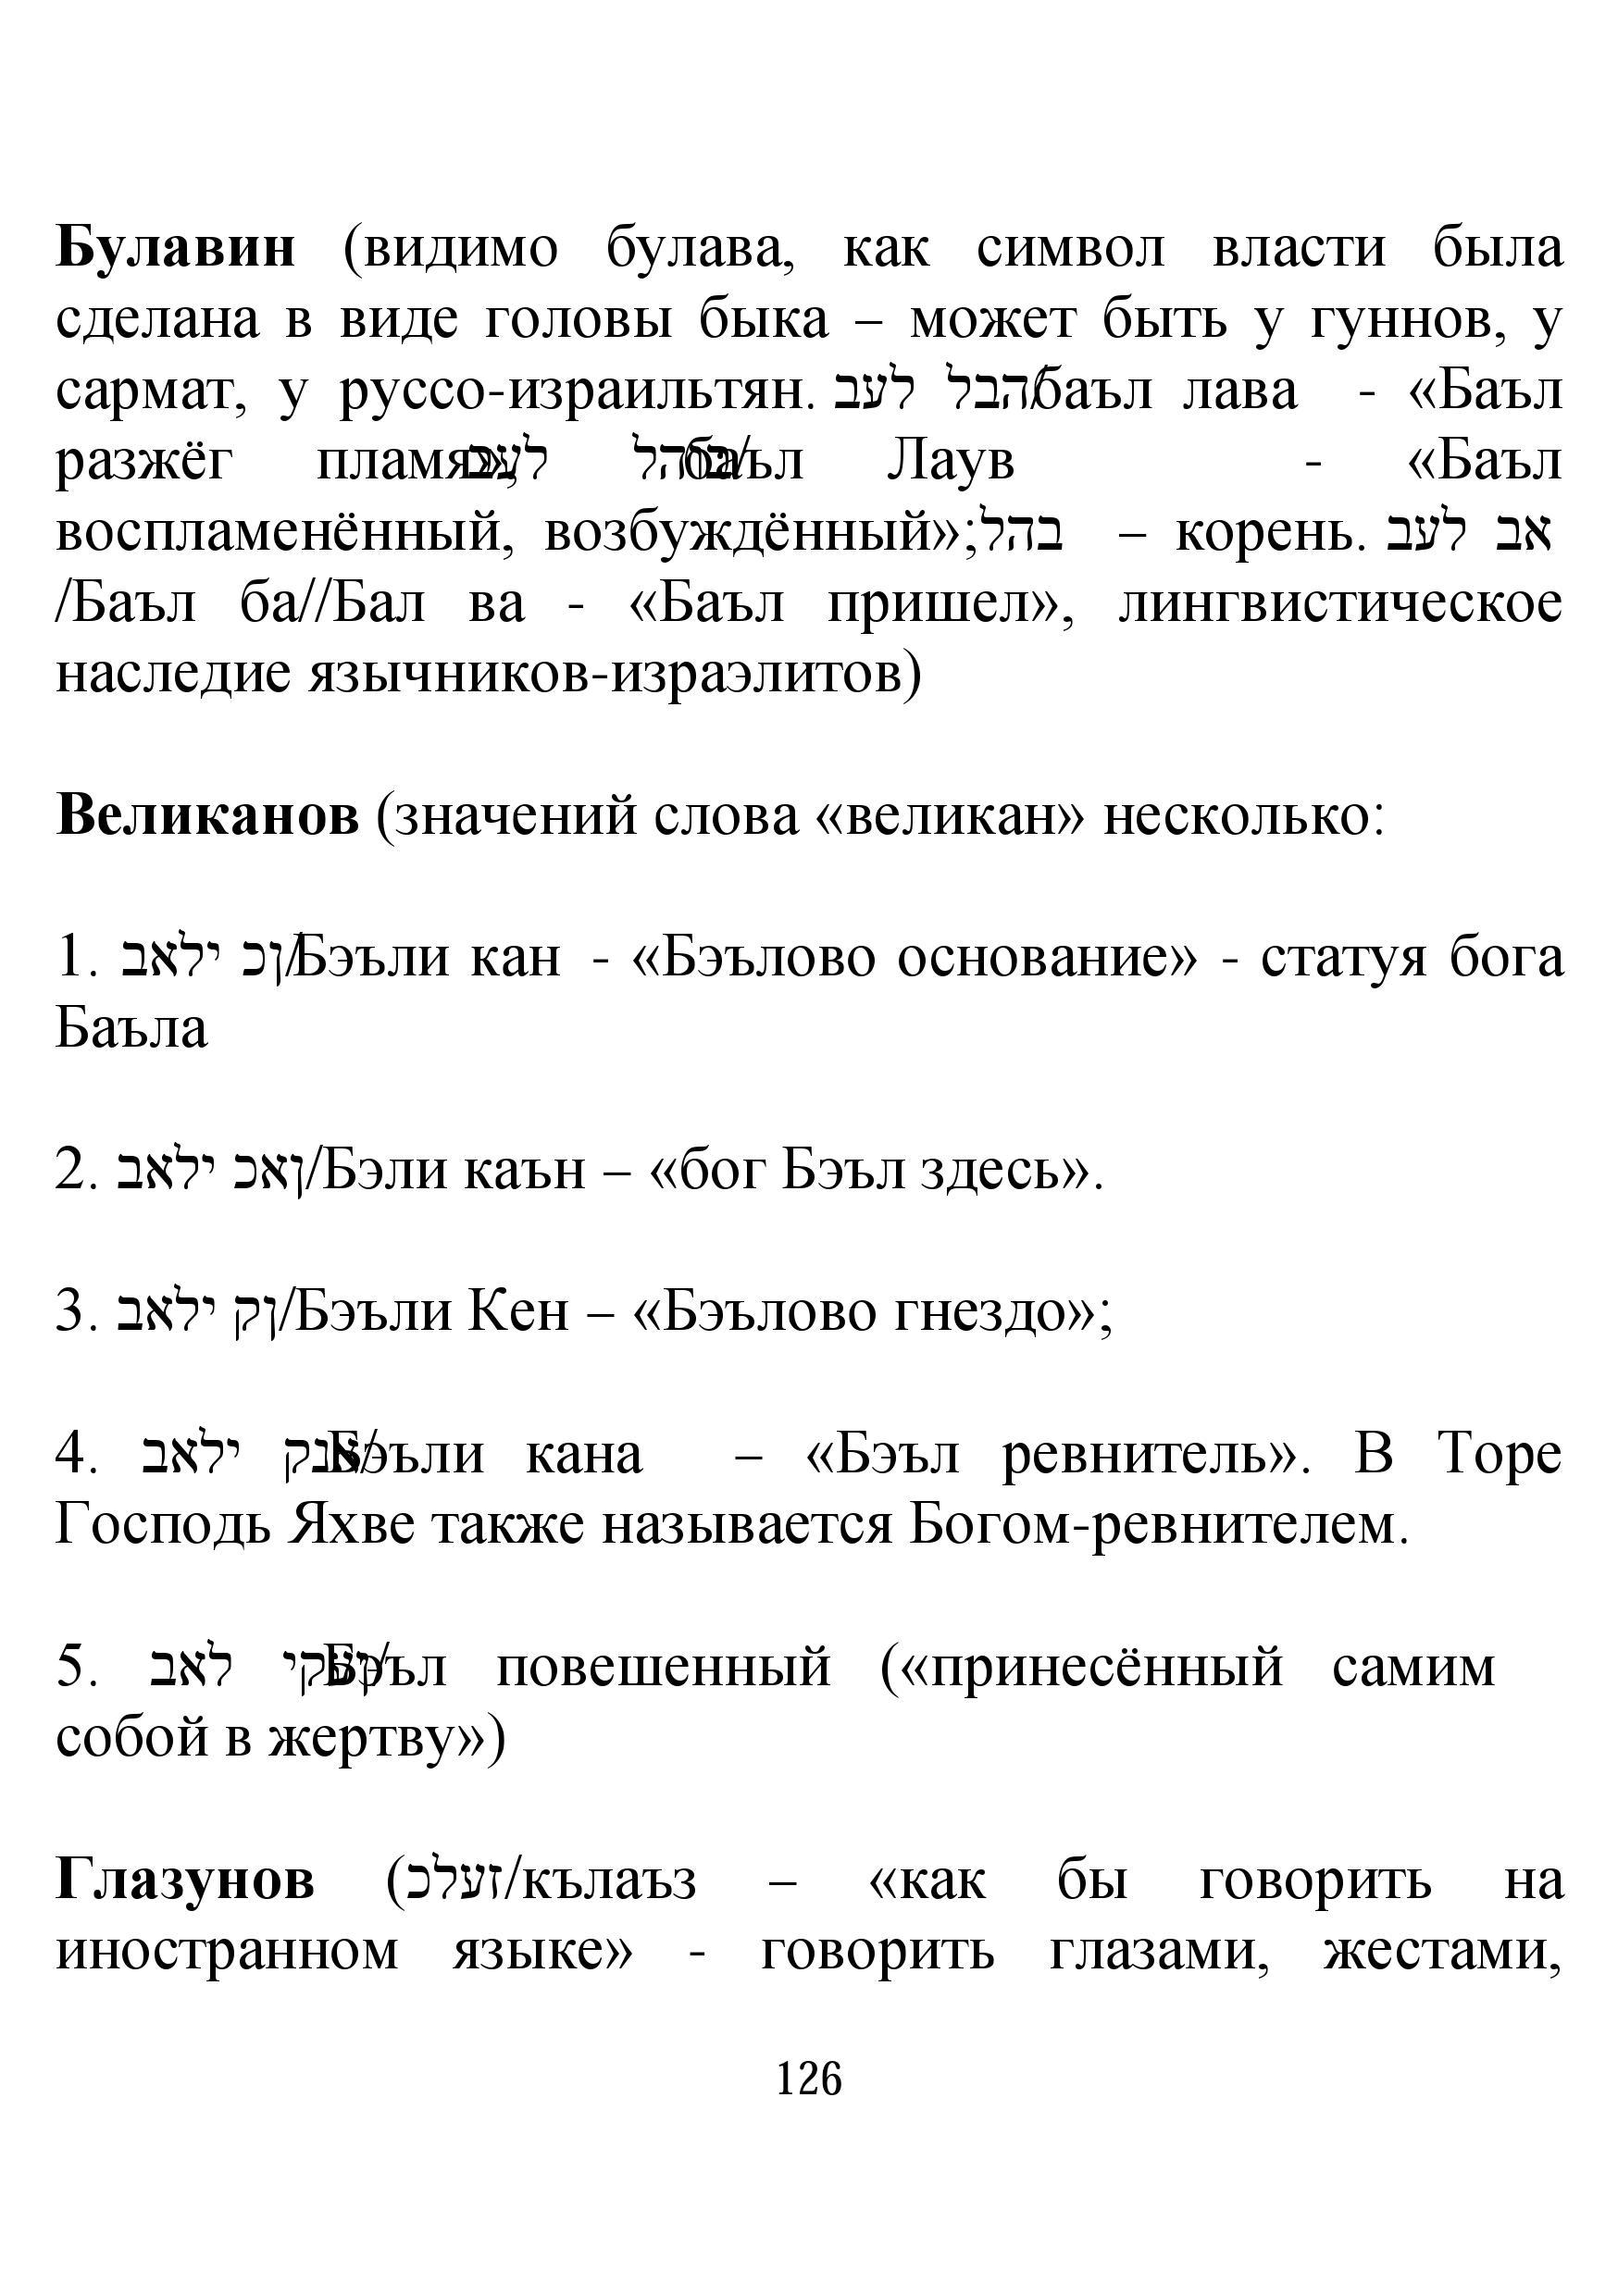 http://s0.uploads.ru/DnHuI.jpg